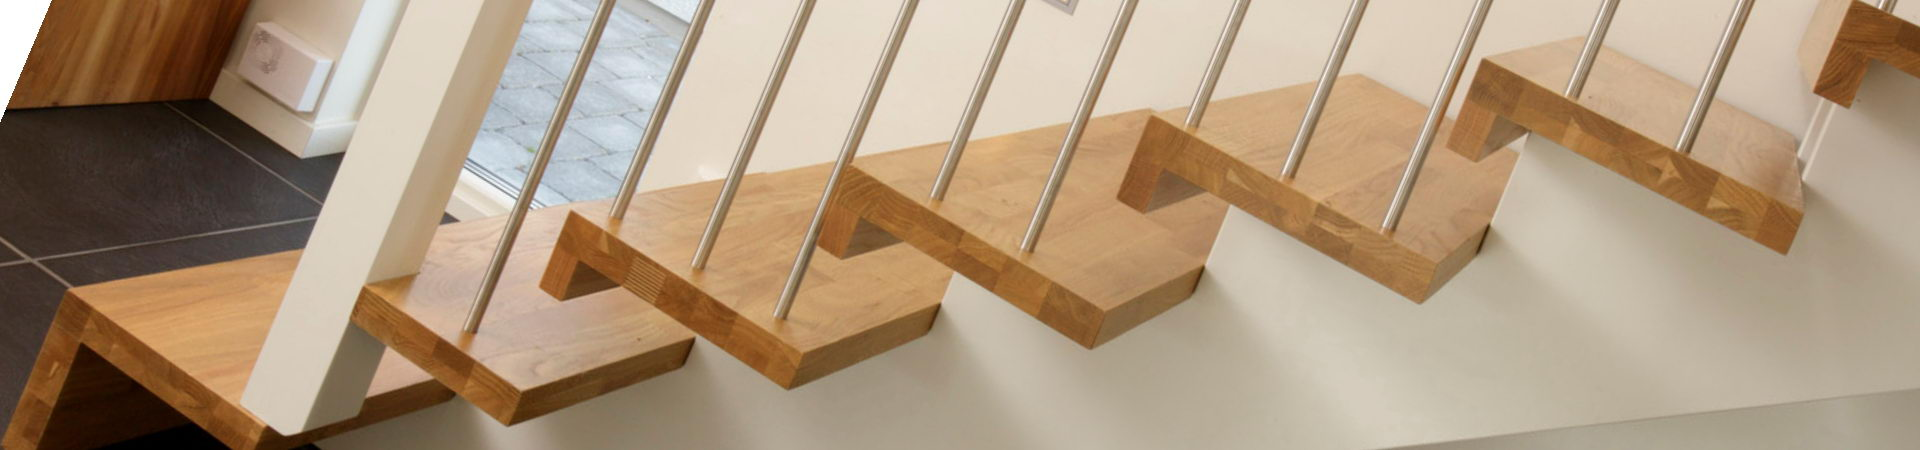 Venta de maderas talar maderas maderera en zona norte - Maderas para escaleras ...